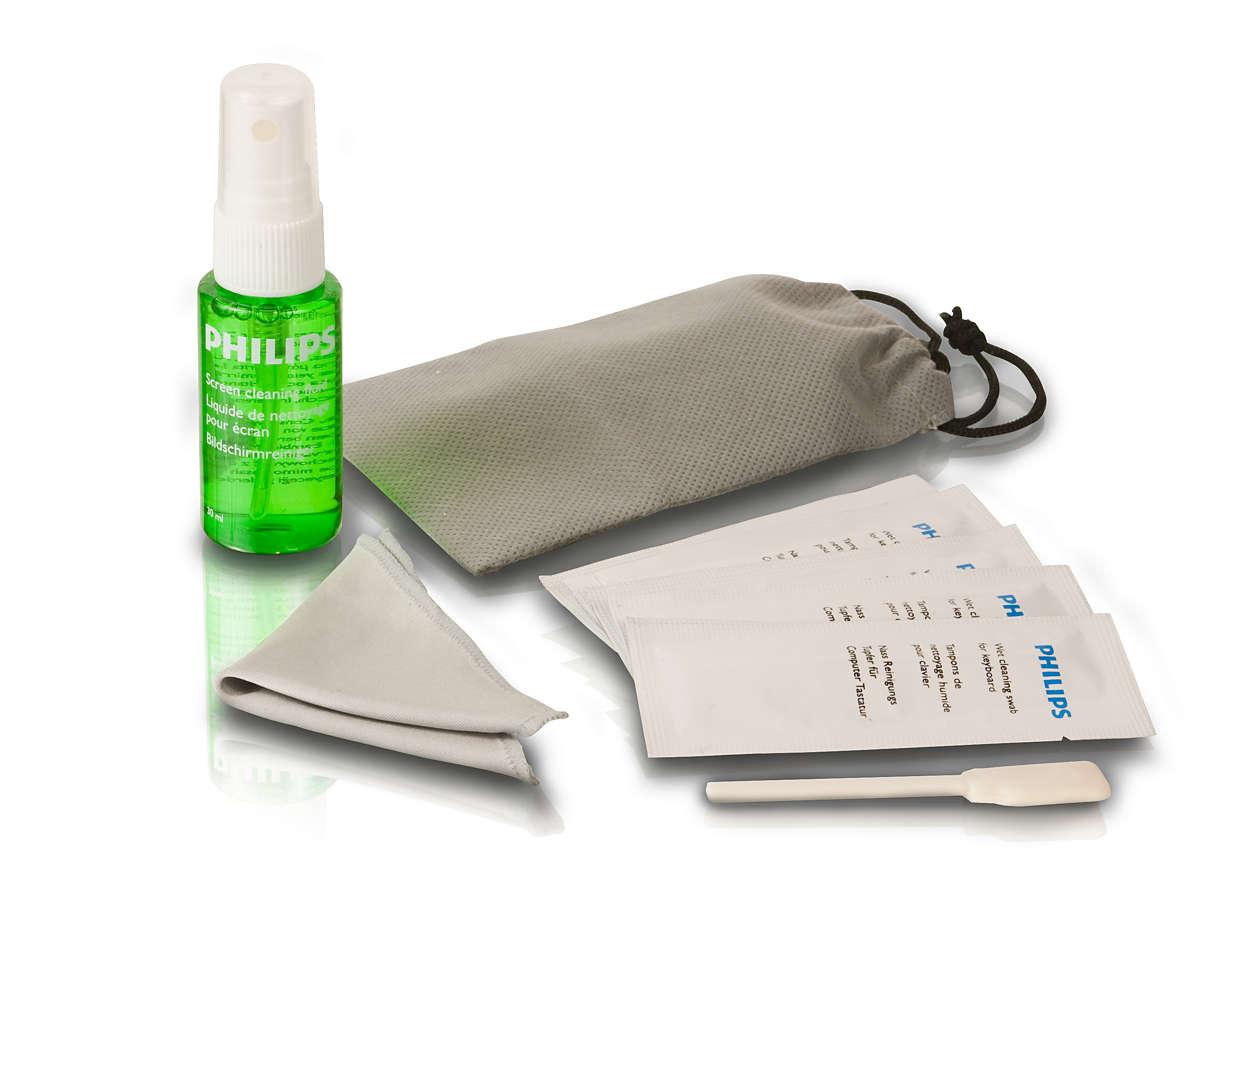 Pulisci lo schermo del tuo laptop/dispositivo mobile in sicurezza